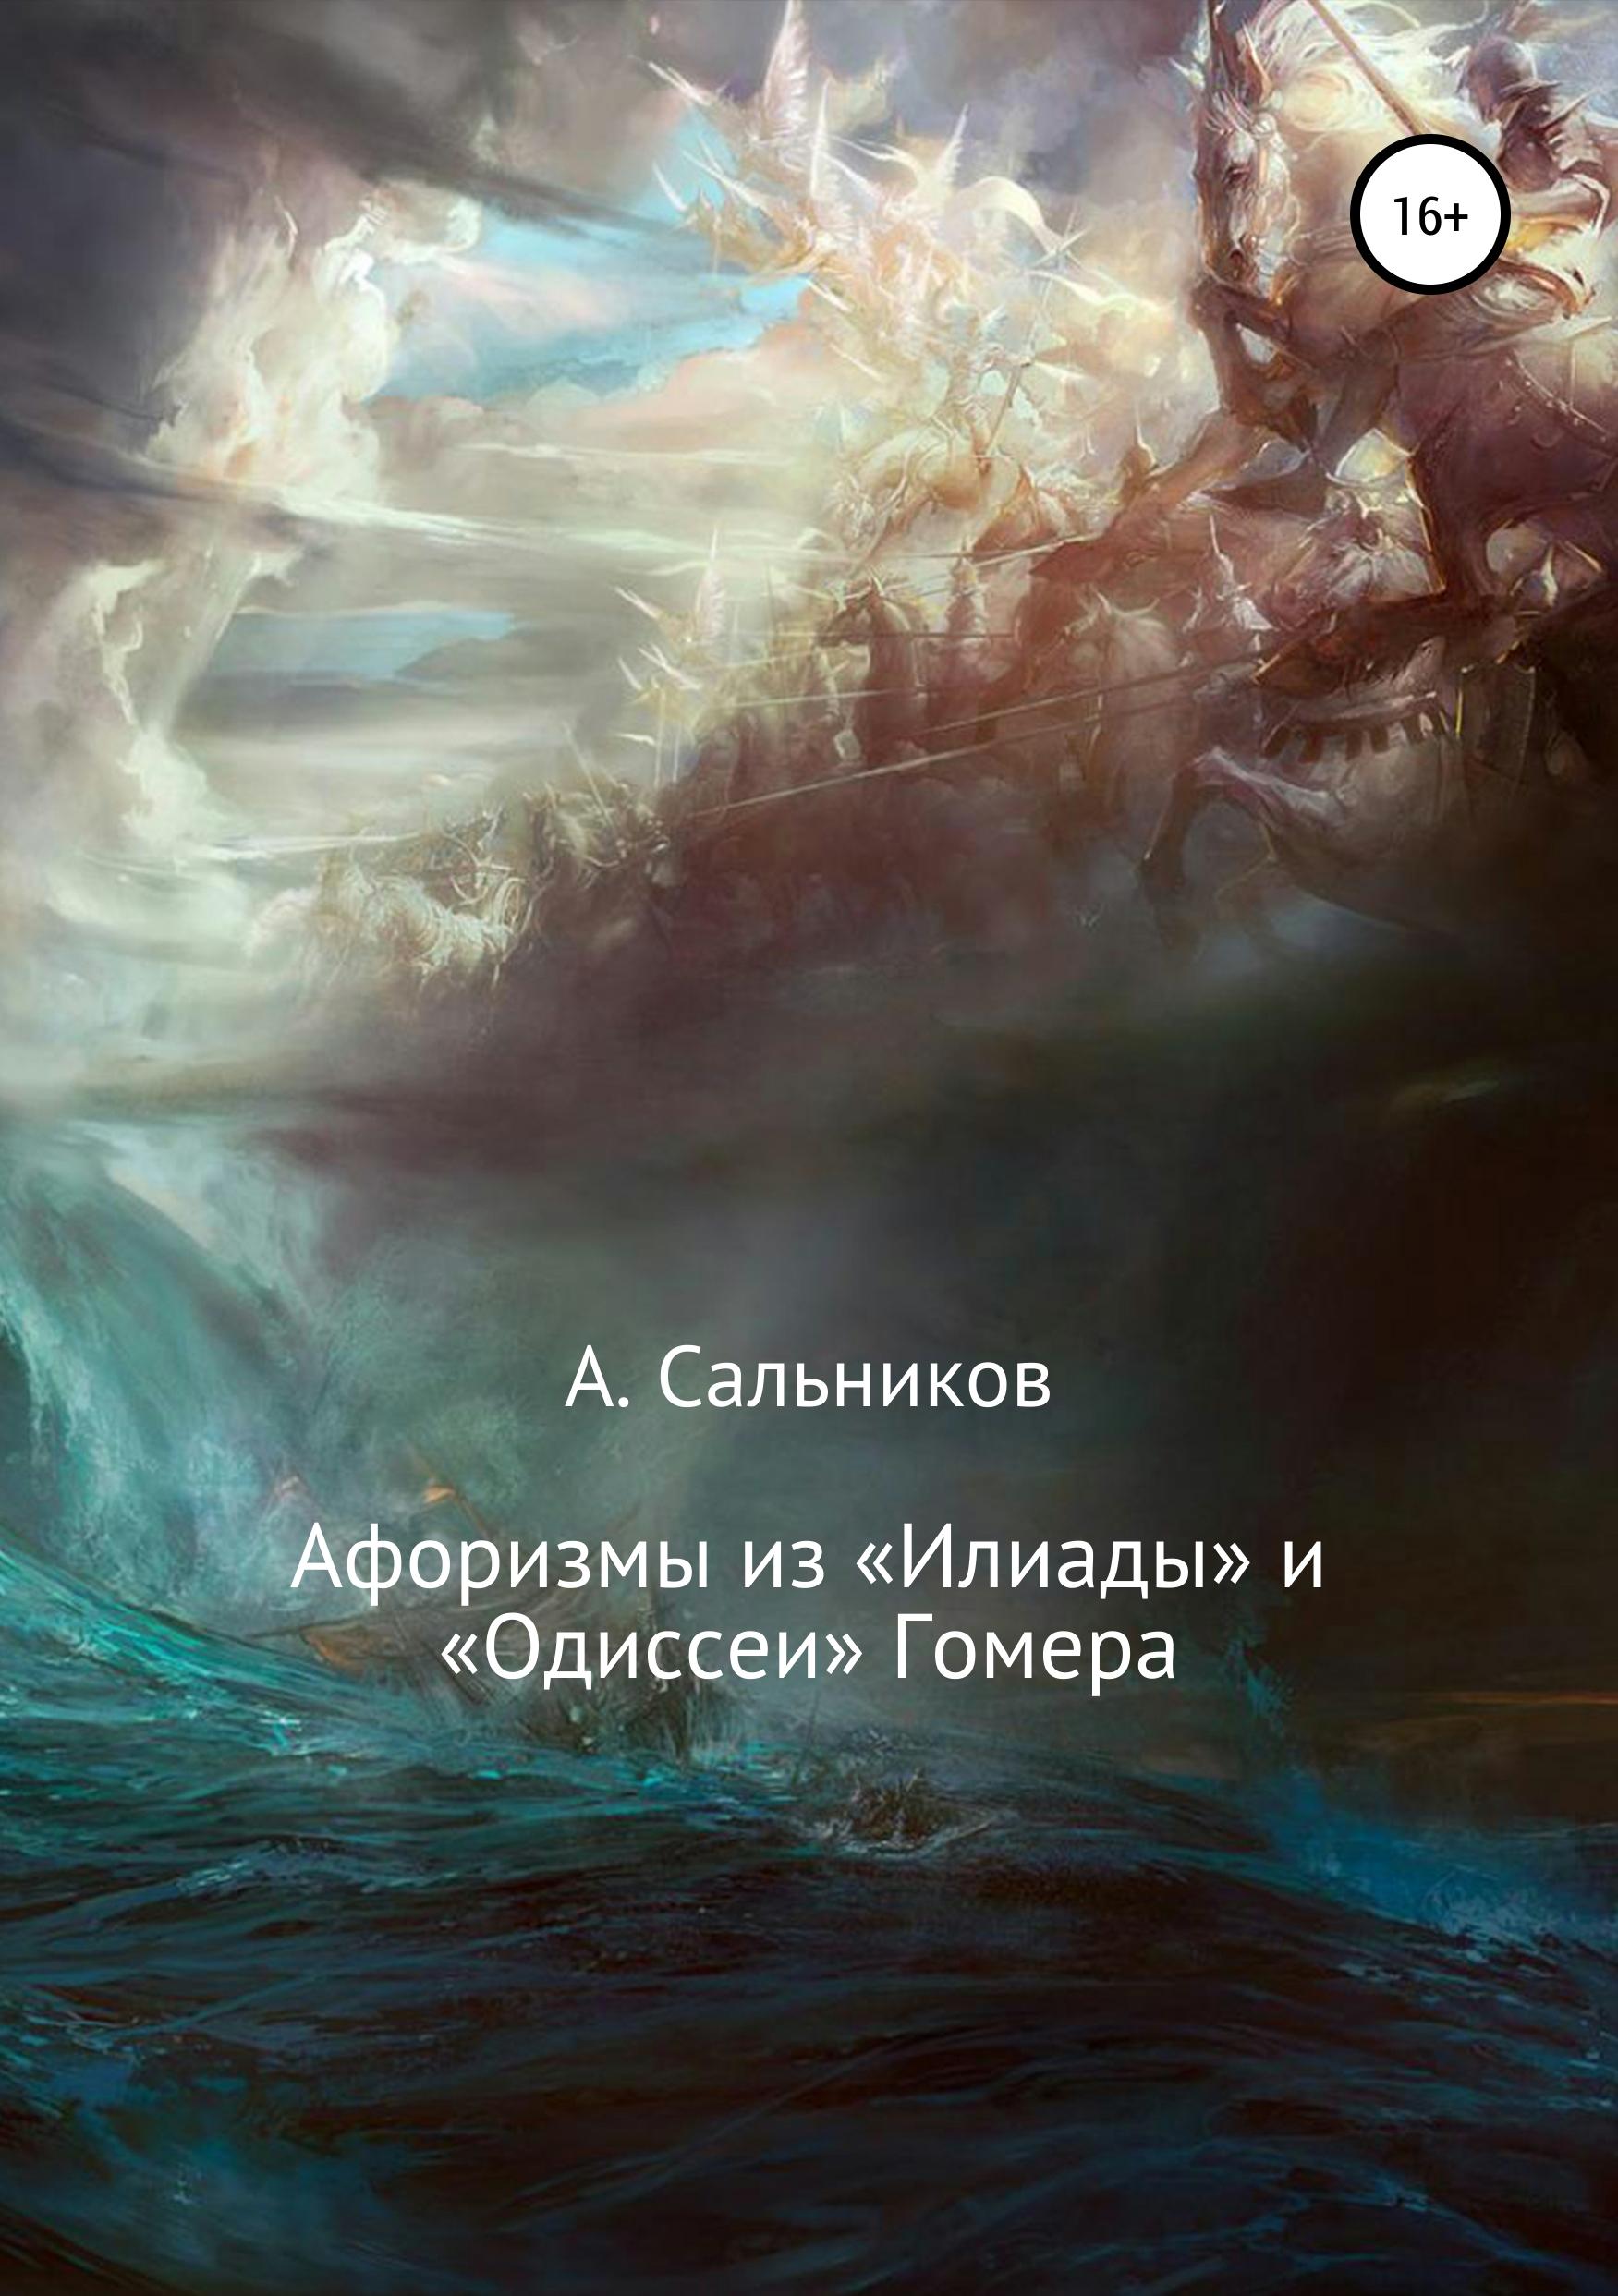 Афоризмы из «Илиады» и «Одиссеи» Гомера